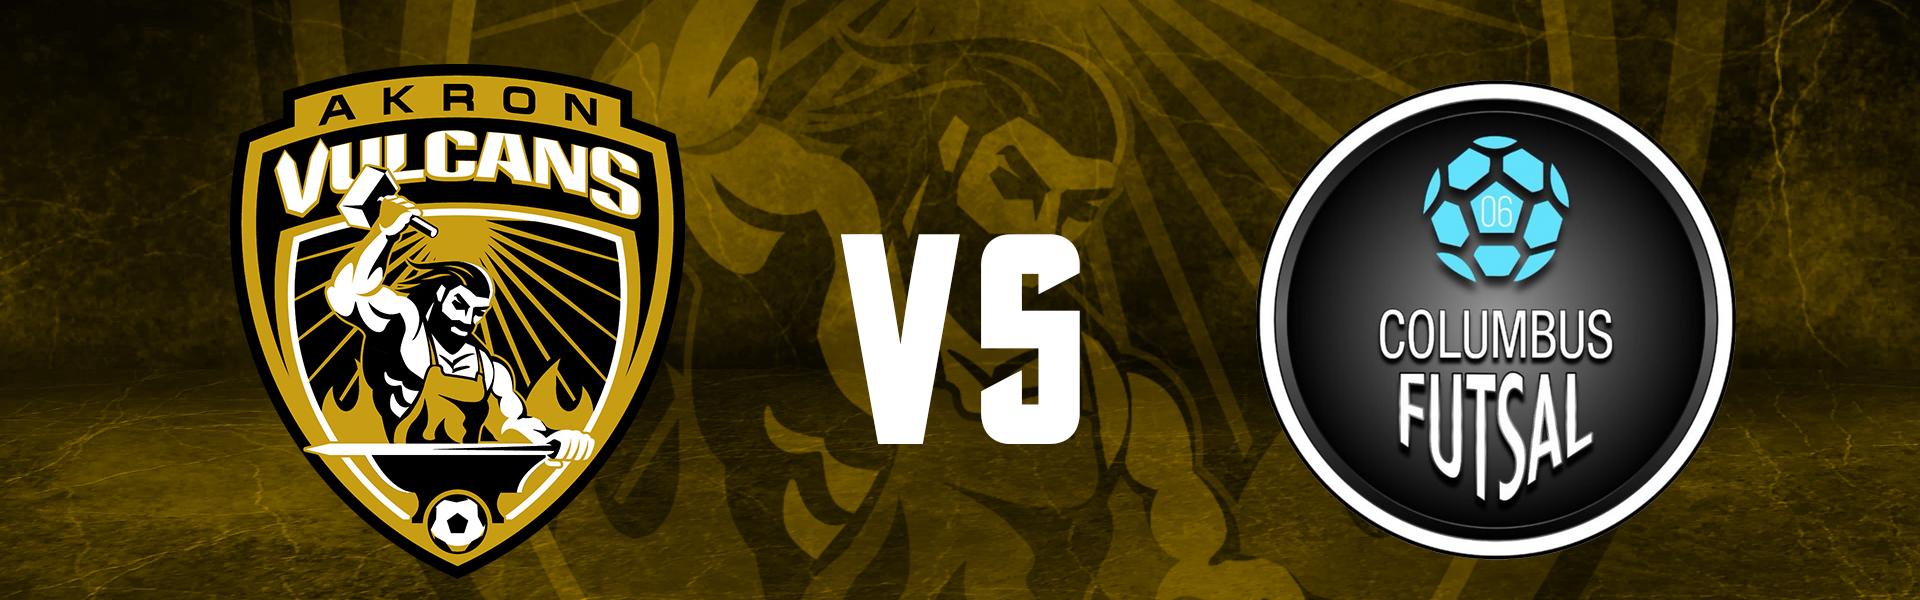 Vulcans v. Columbus Futsal